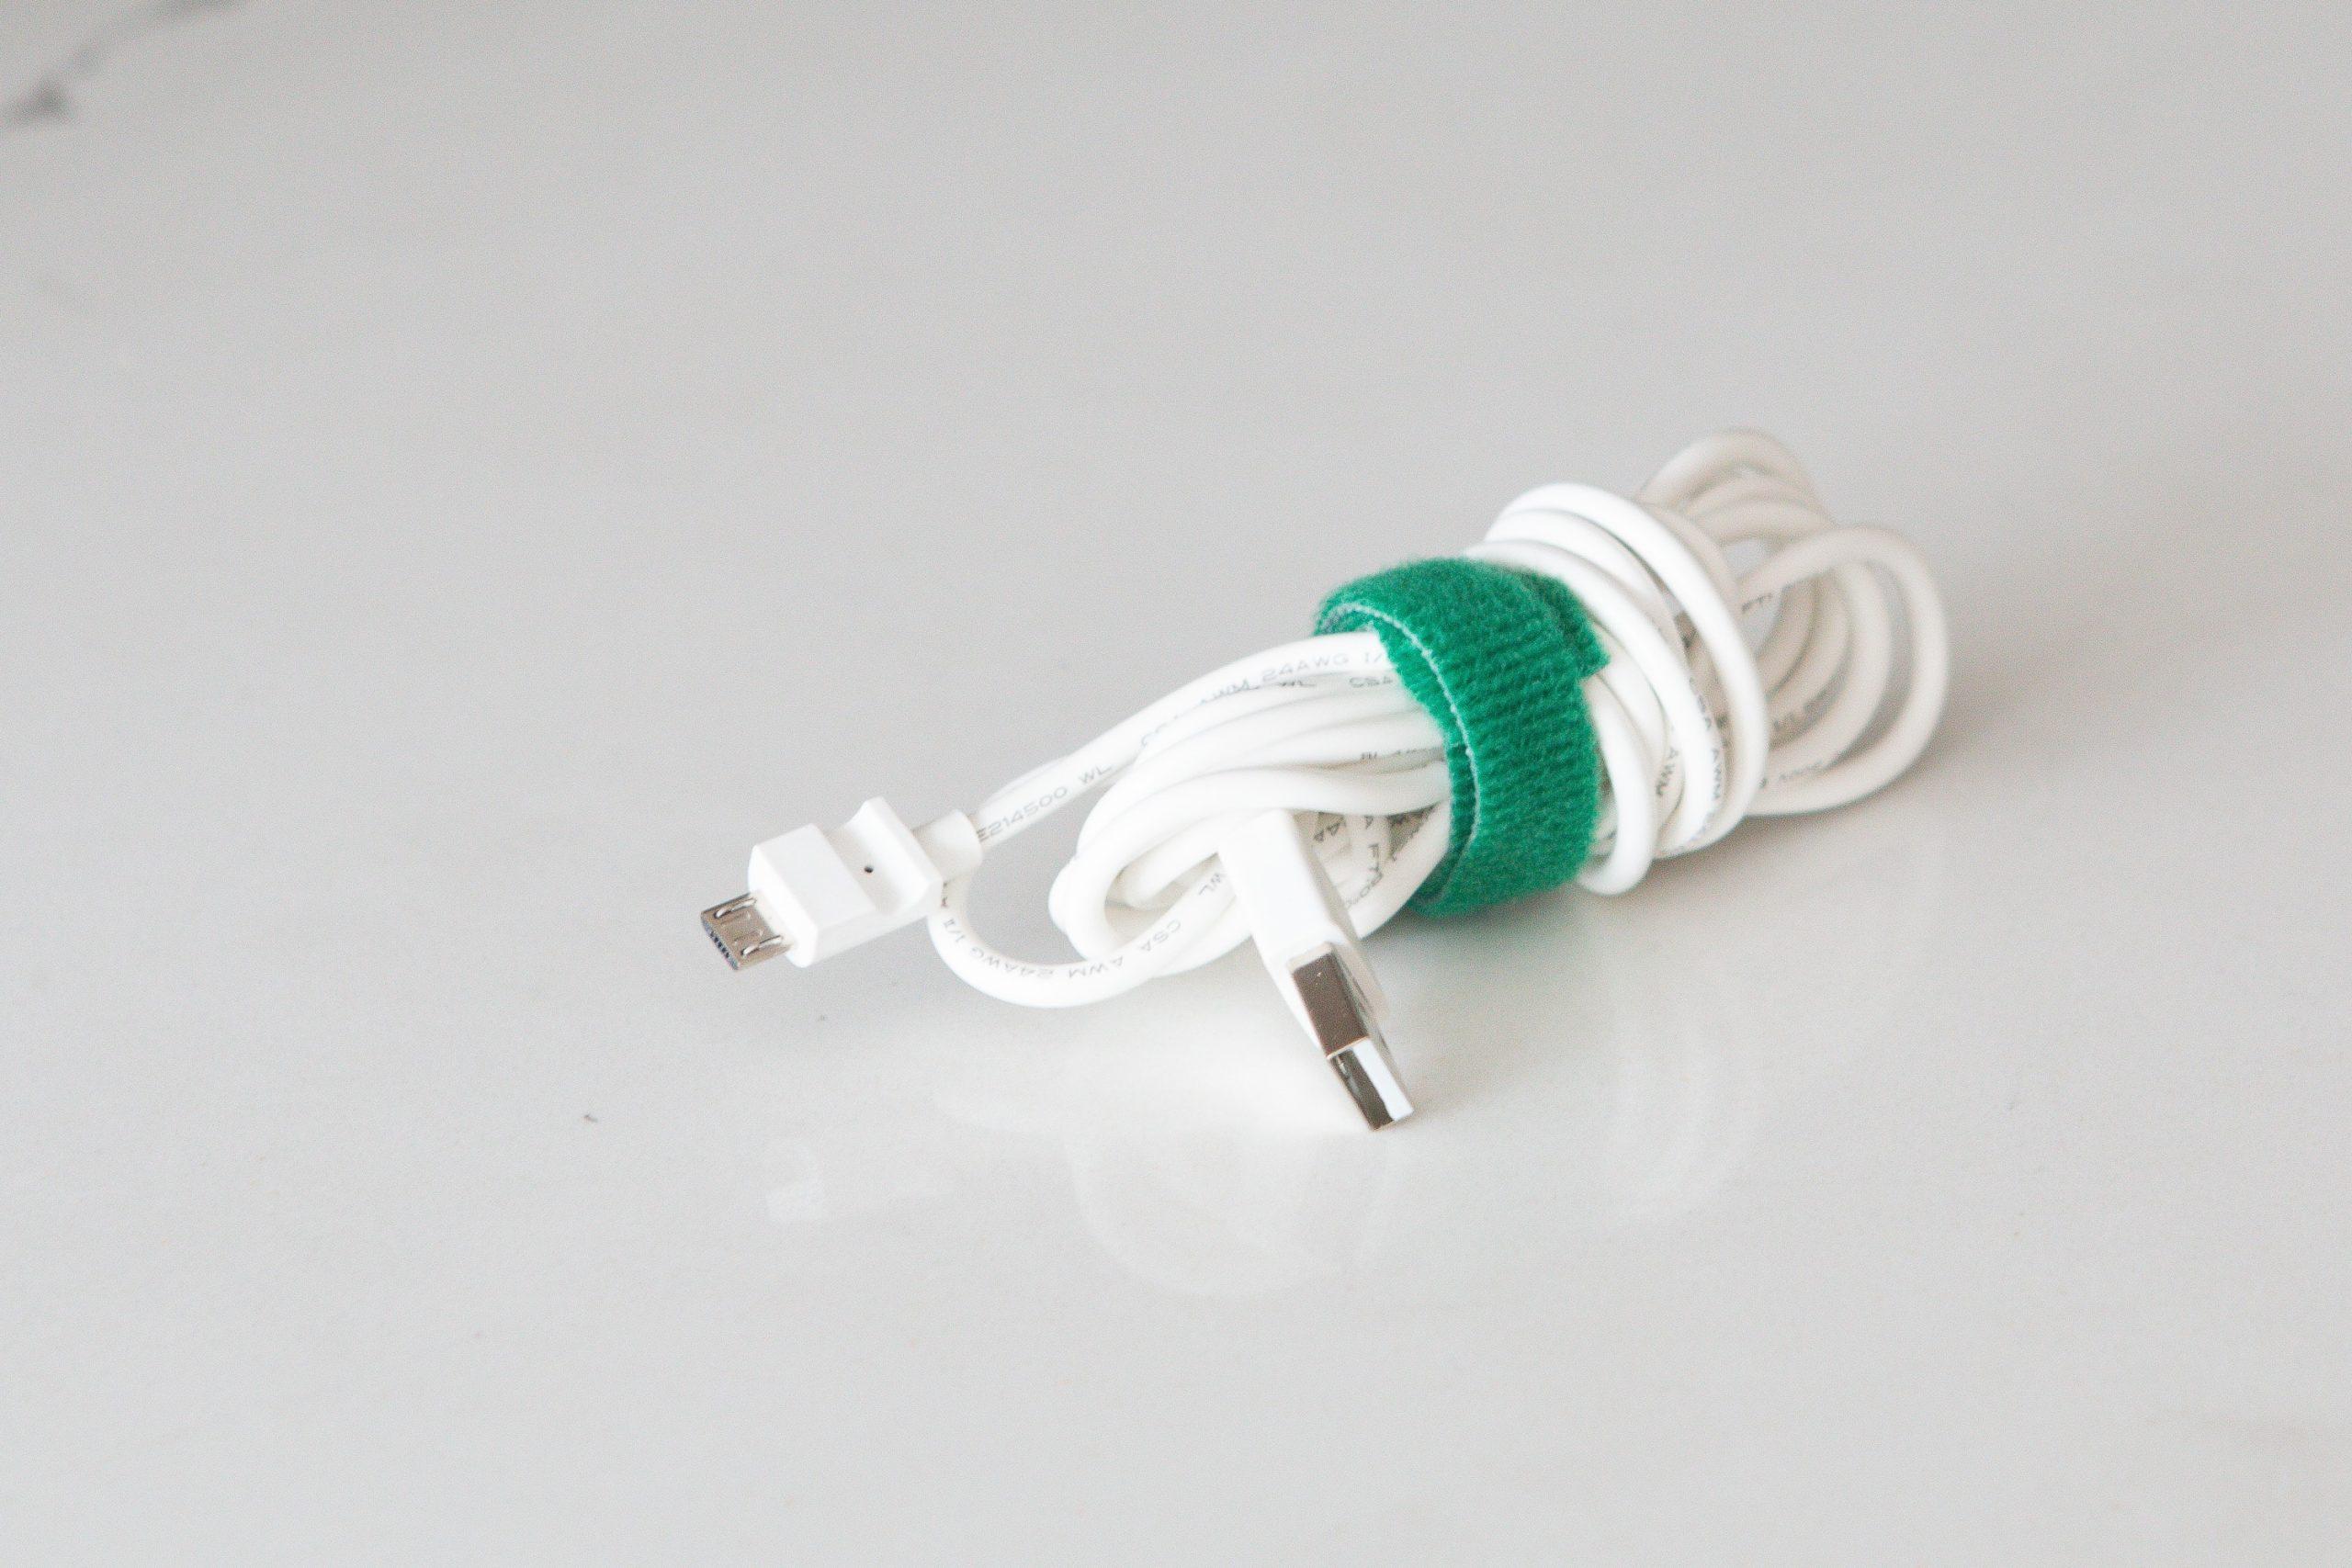 Using cord bundlers